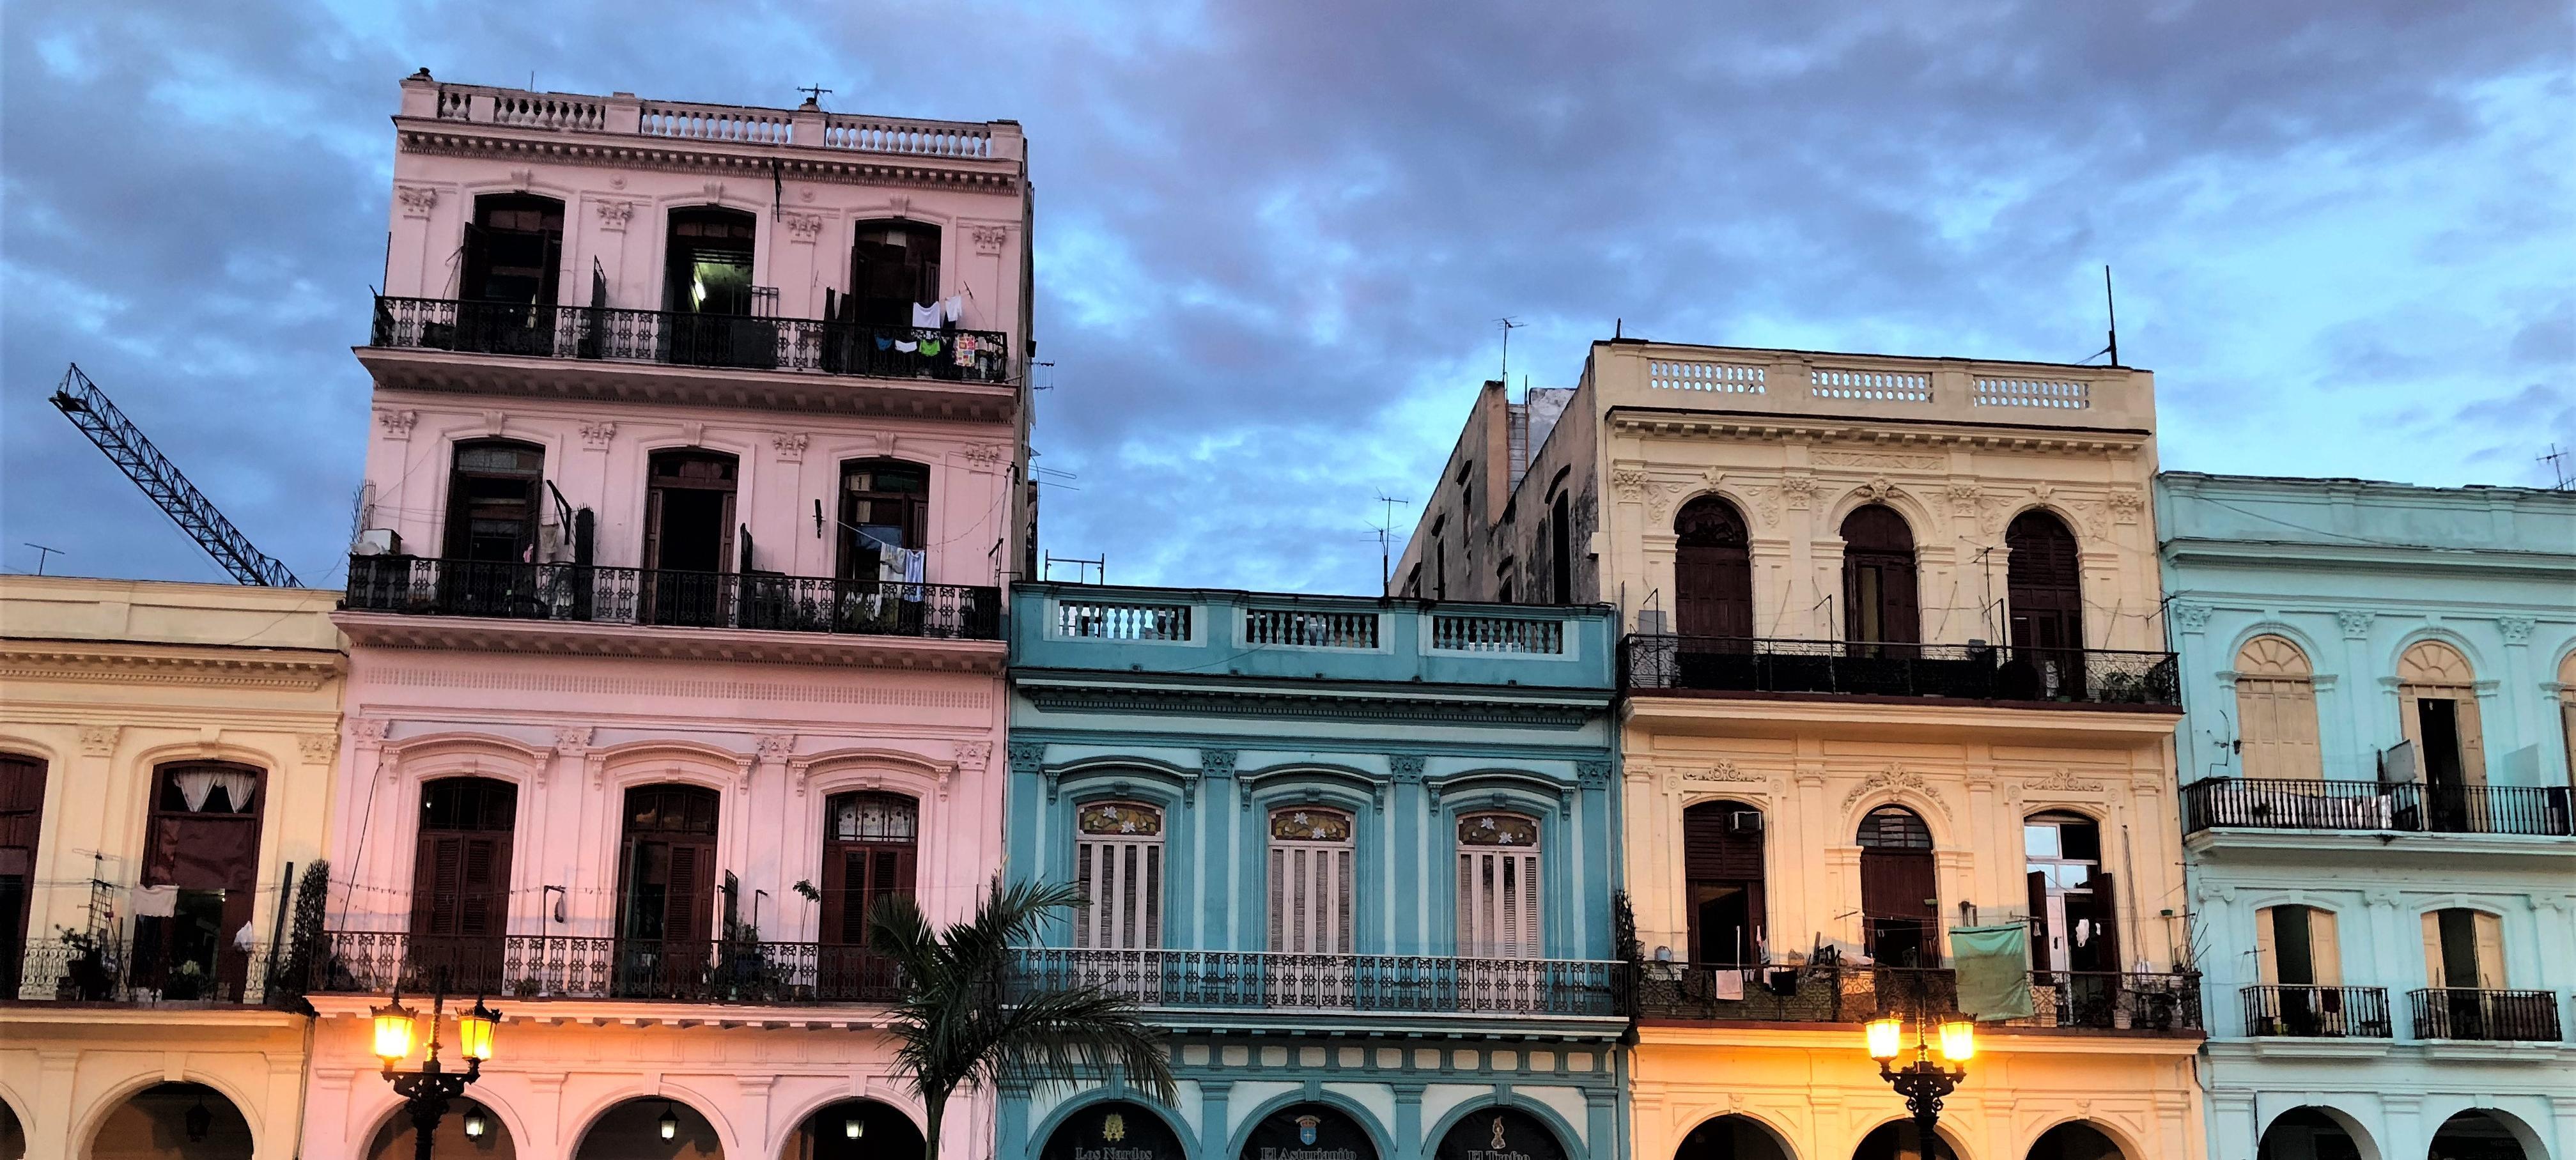 Perfil de Irene Jiménez: noticias, valoraciones y comunicaciones